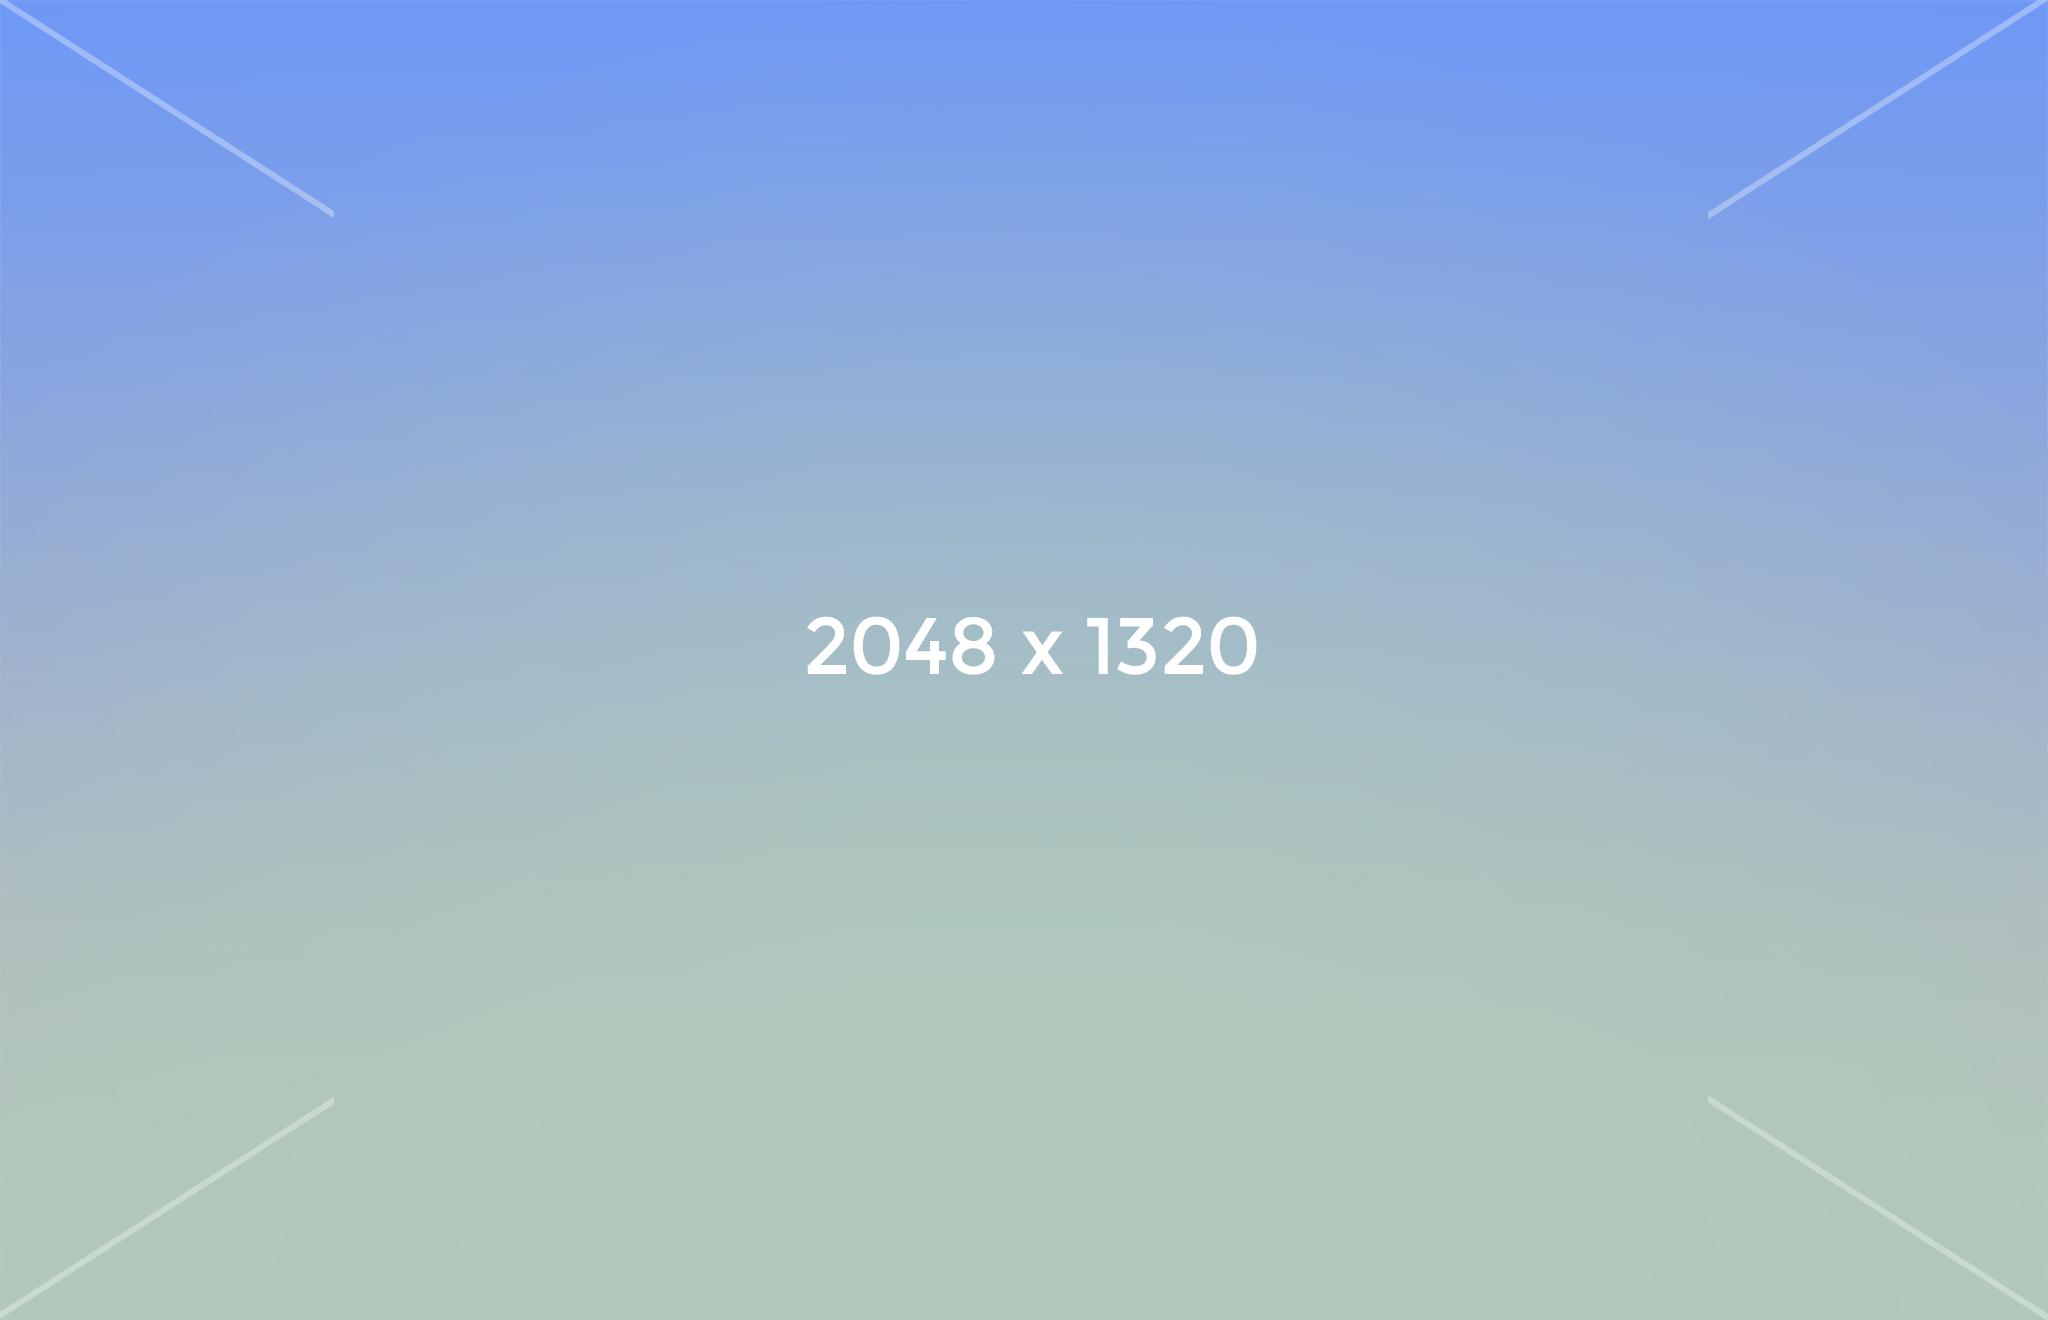 sans-image-2048x1320-neutre